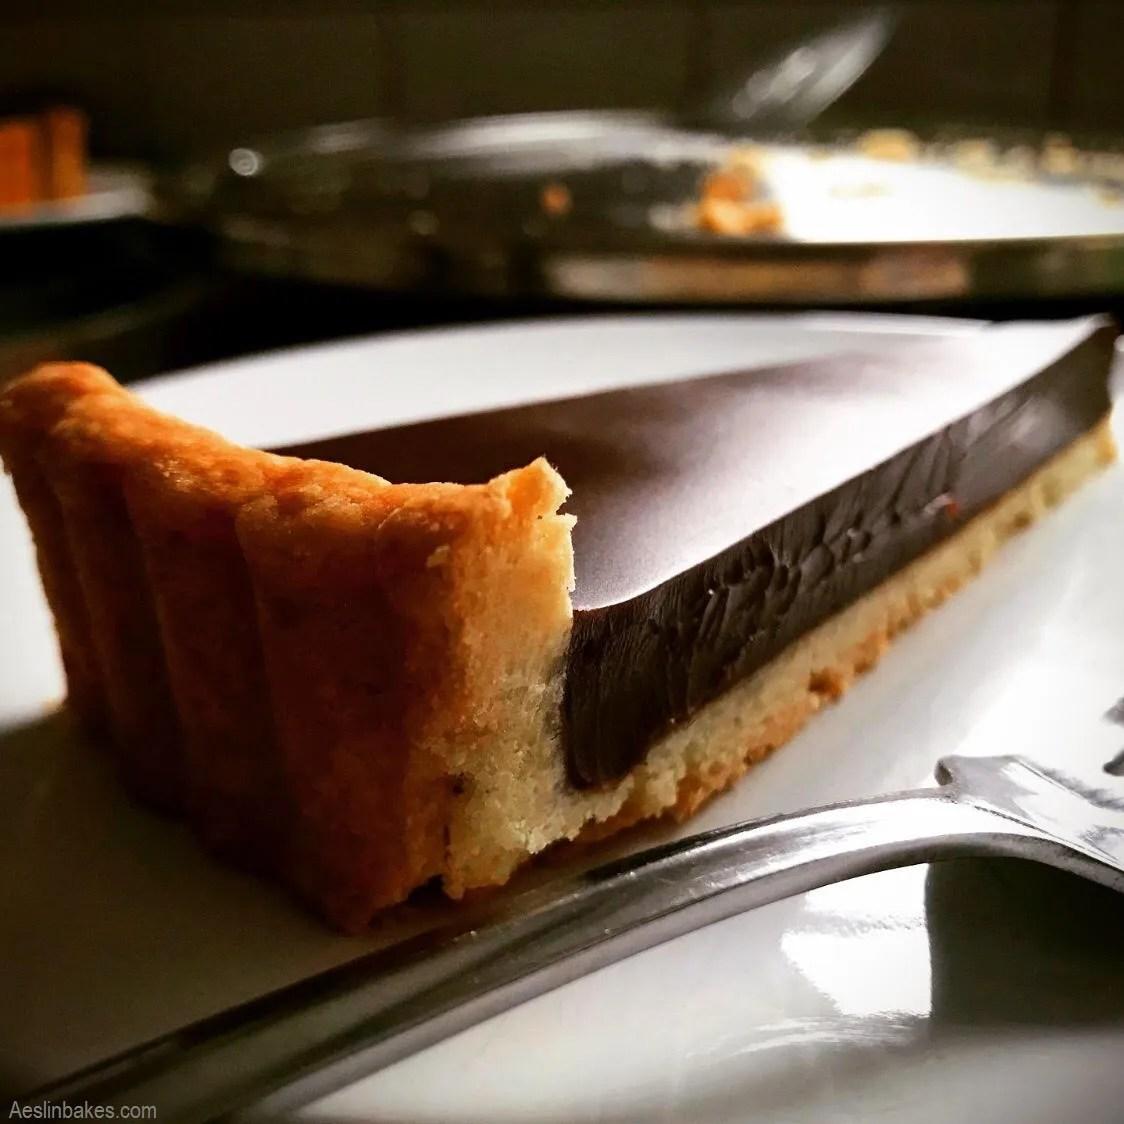 slice of chocolate tart